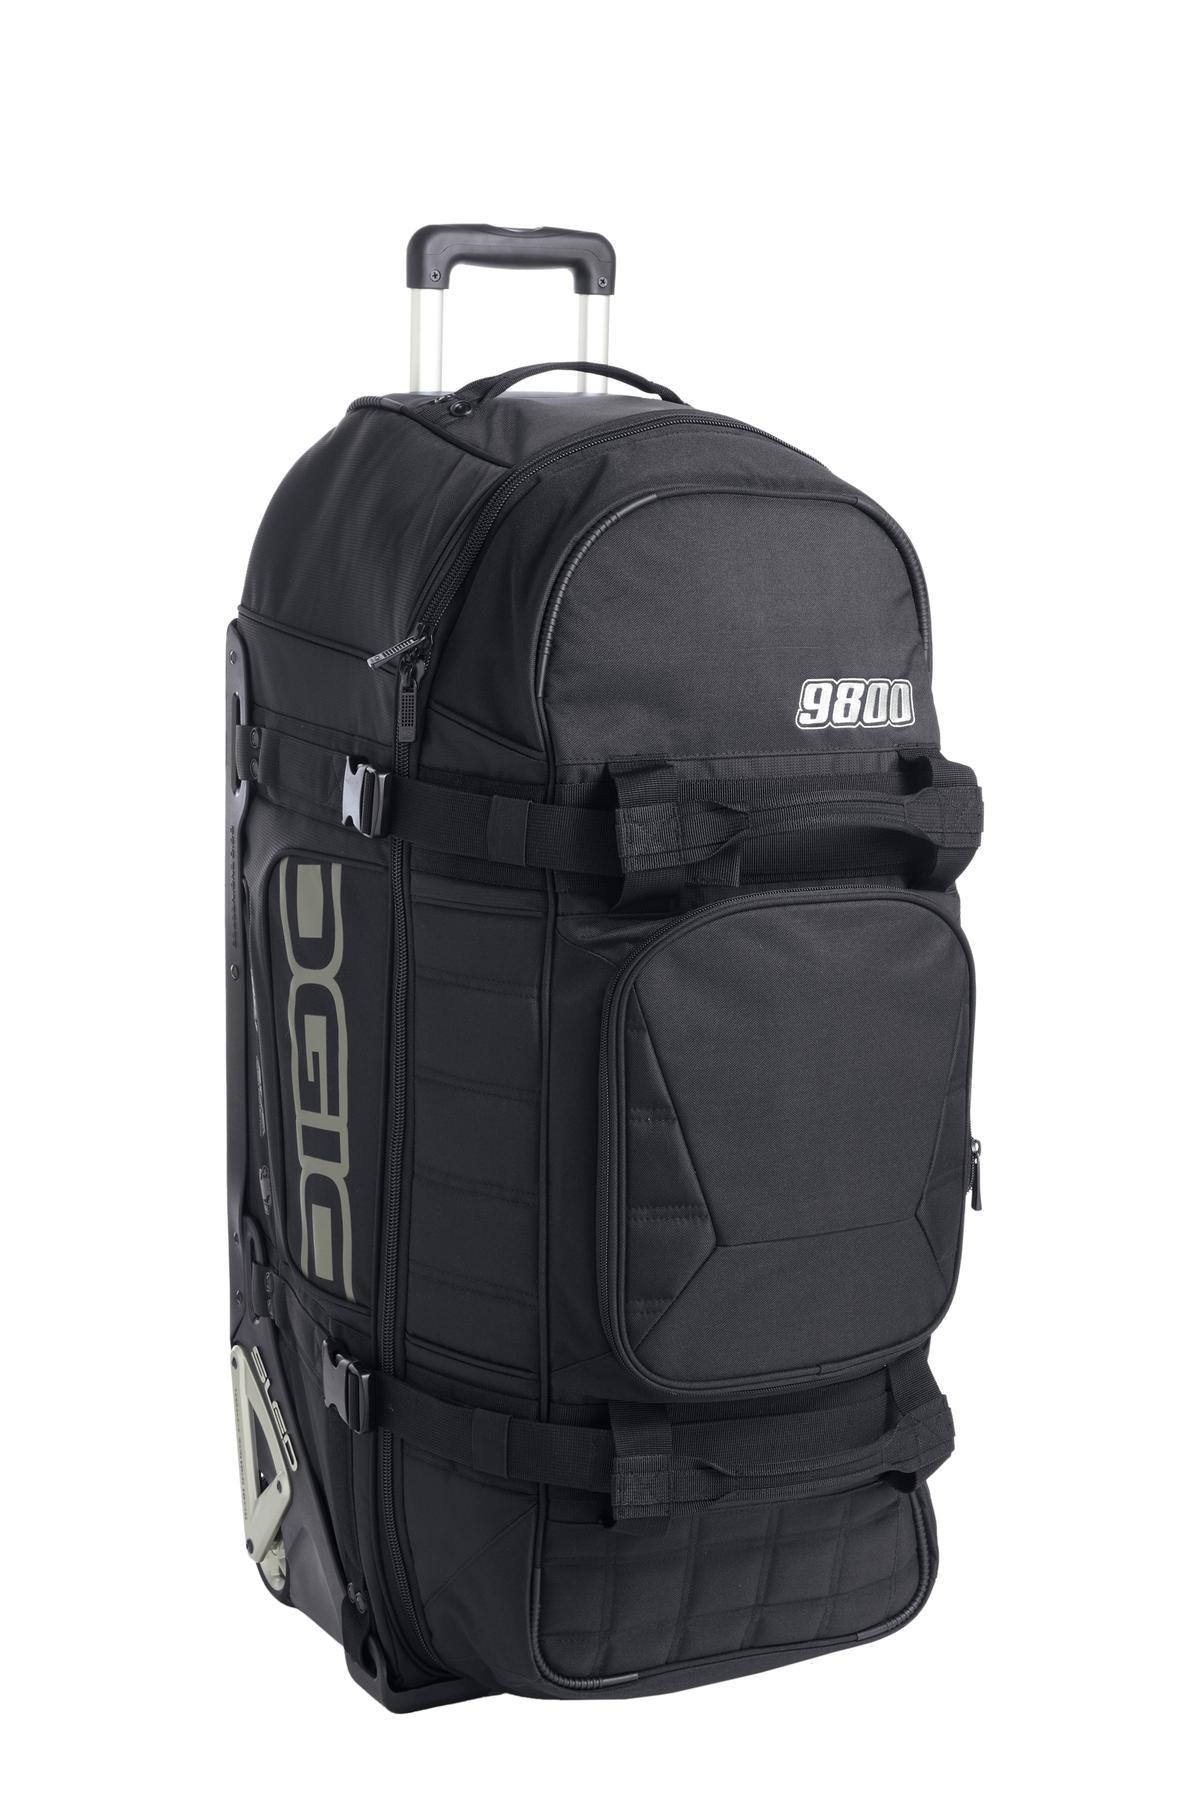 Ogio 9800 Travel Bag 421001